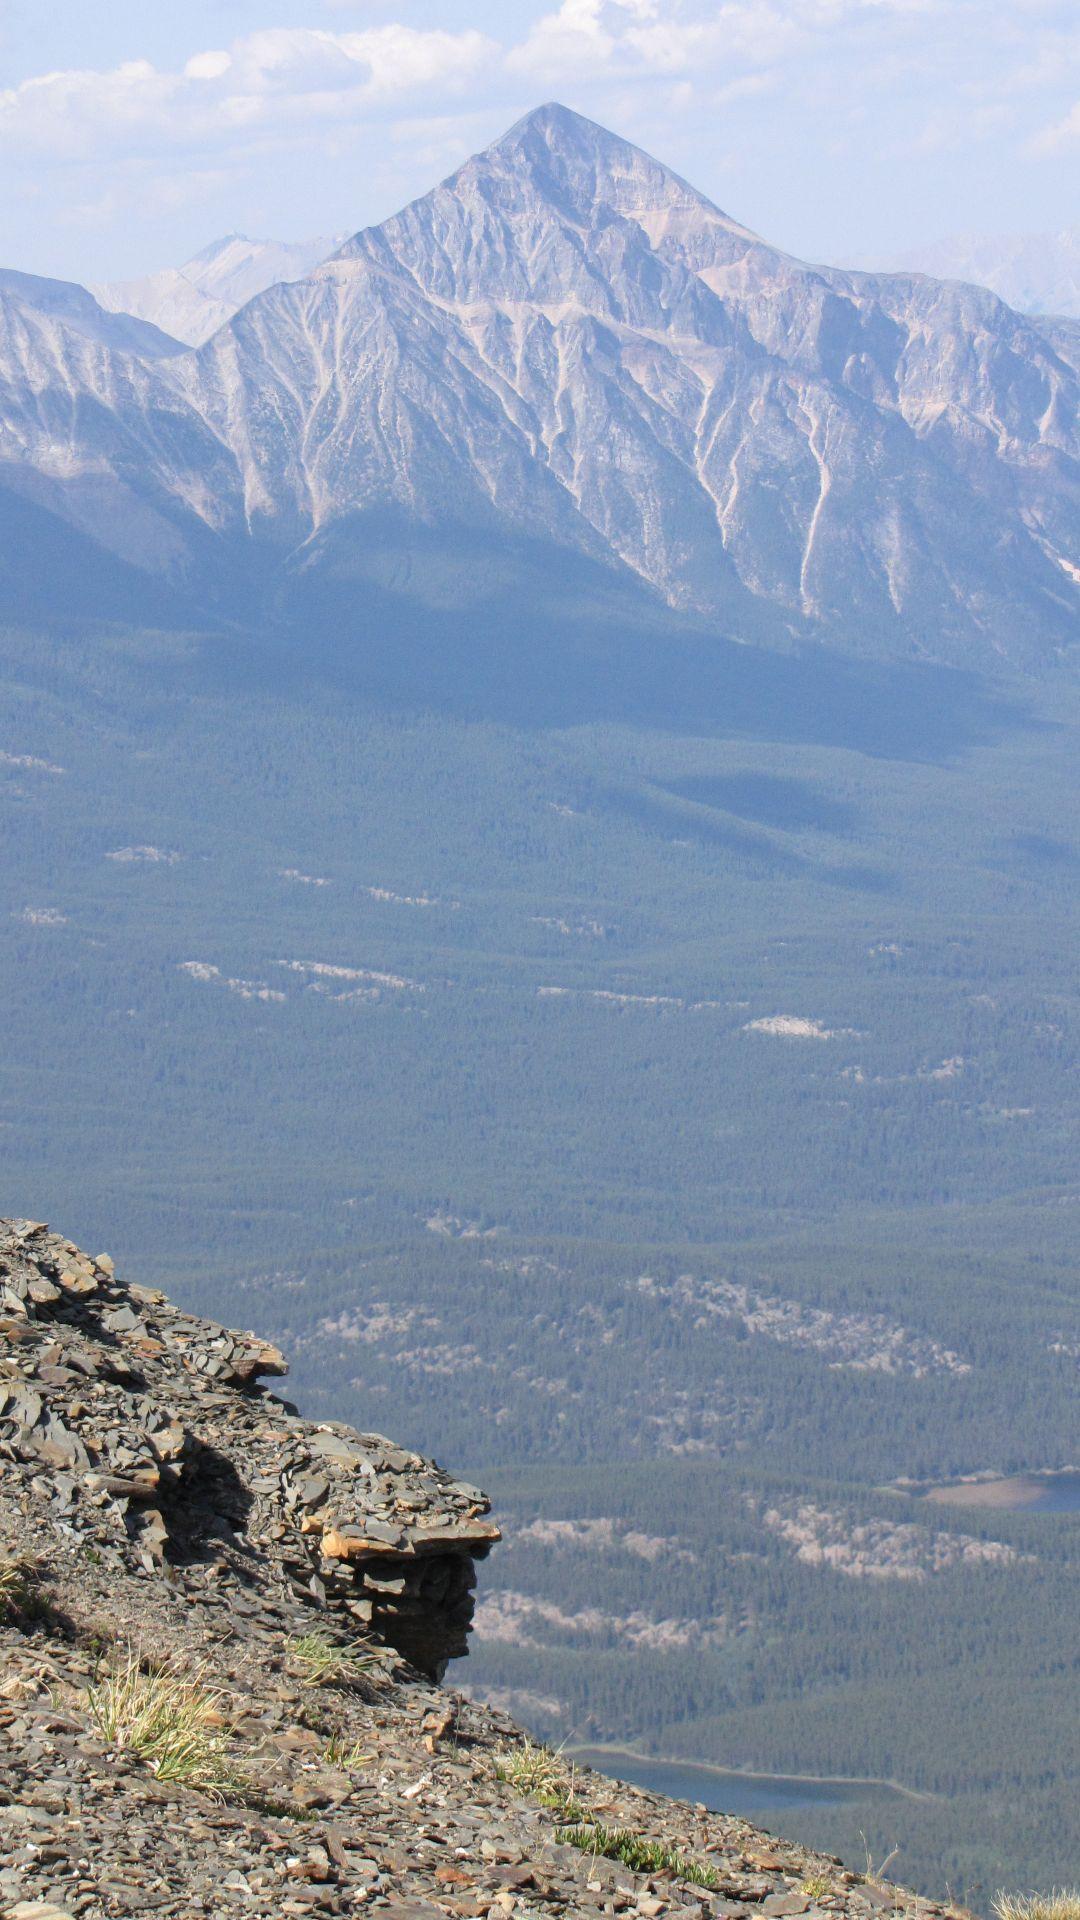 Nr Jasper, Alberta, Canada - Ahem!